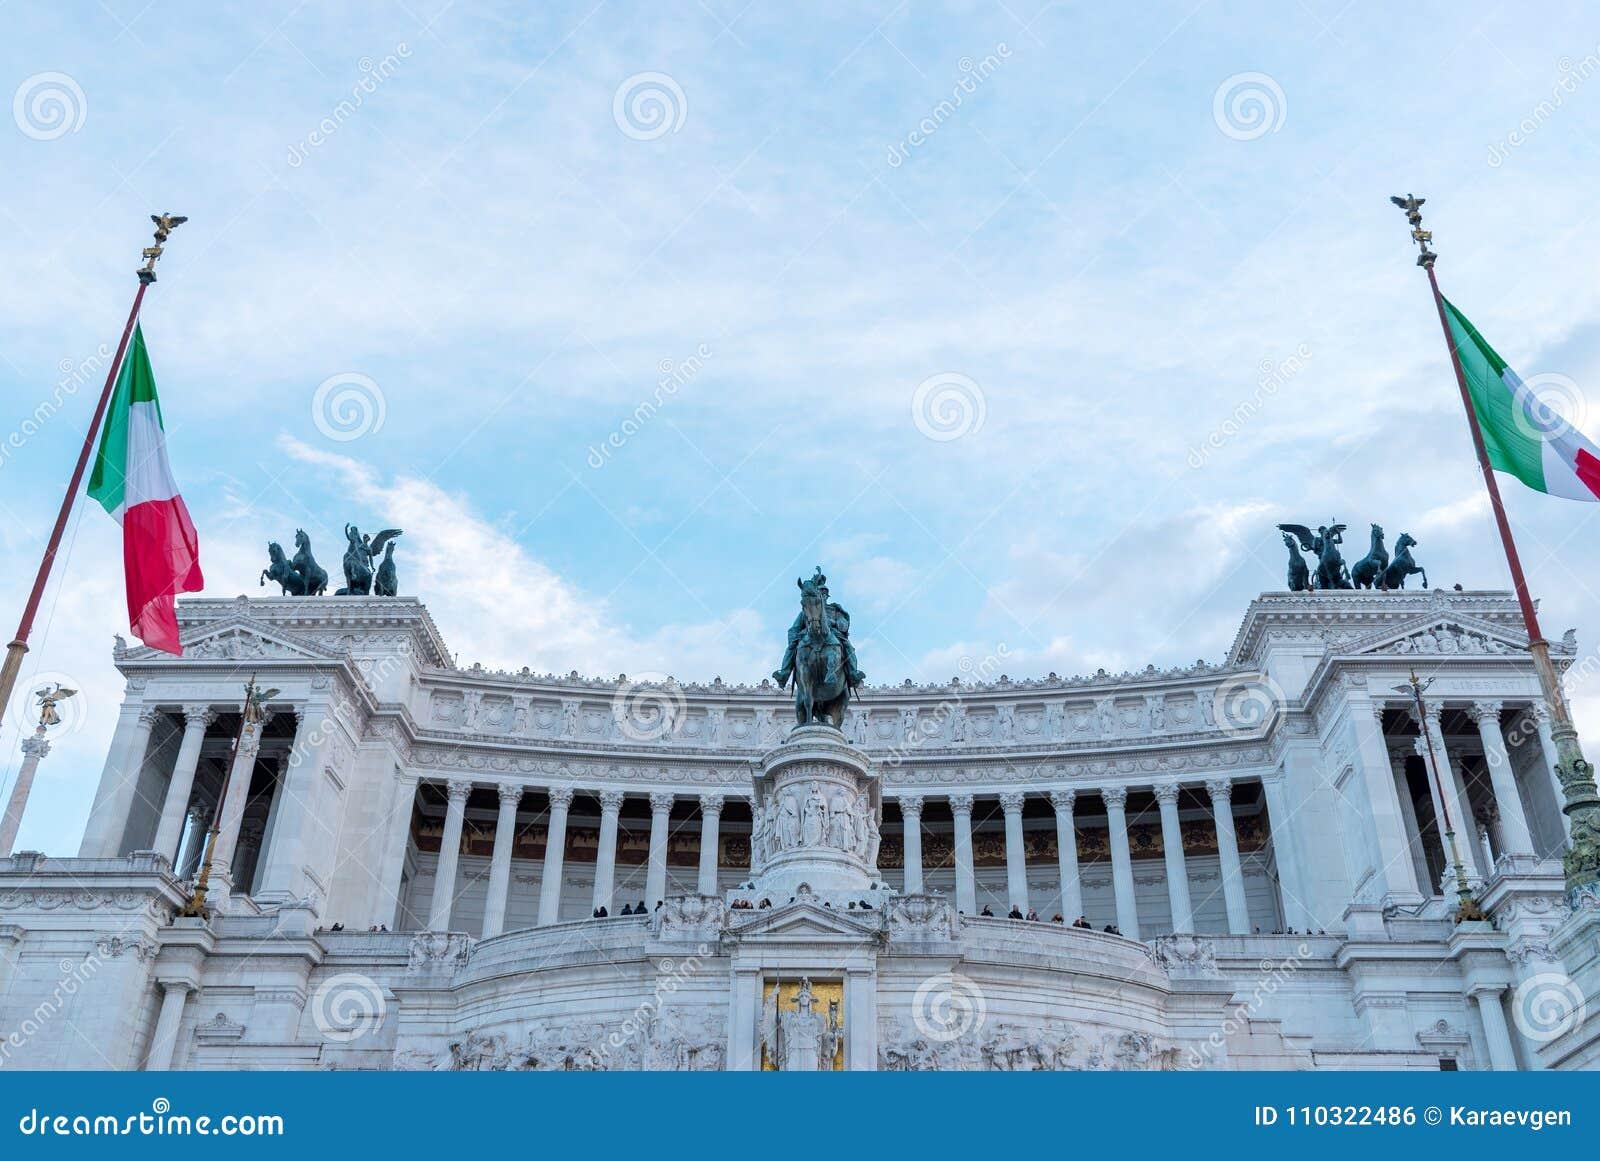 Beaux vieux hublots à Rome (Italie) 3 décembre 2017 : Monument de Victor Emmanuel : Alt